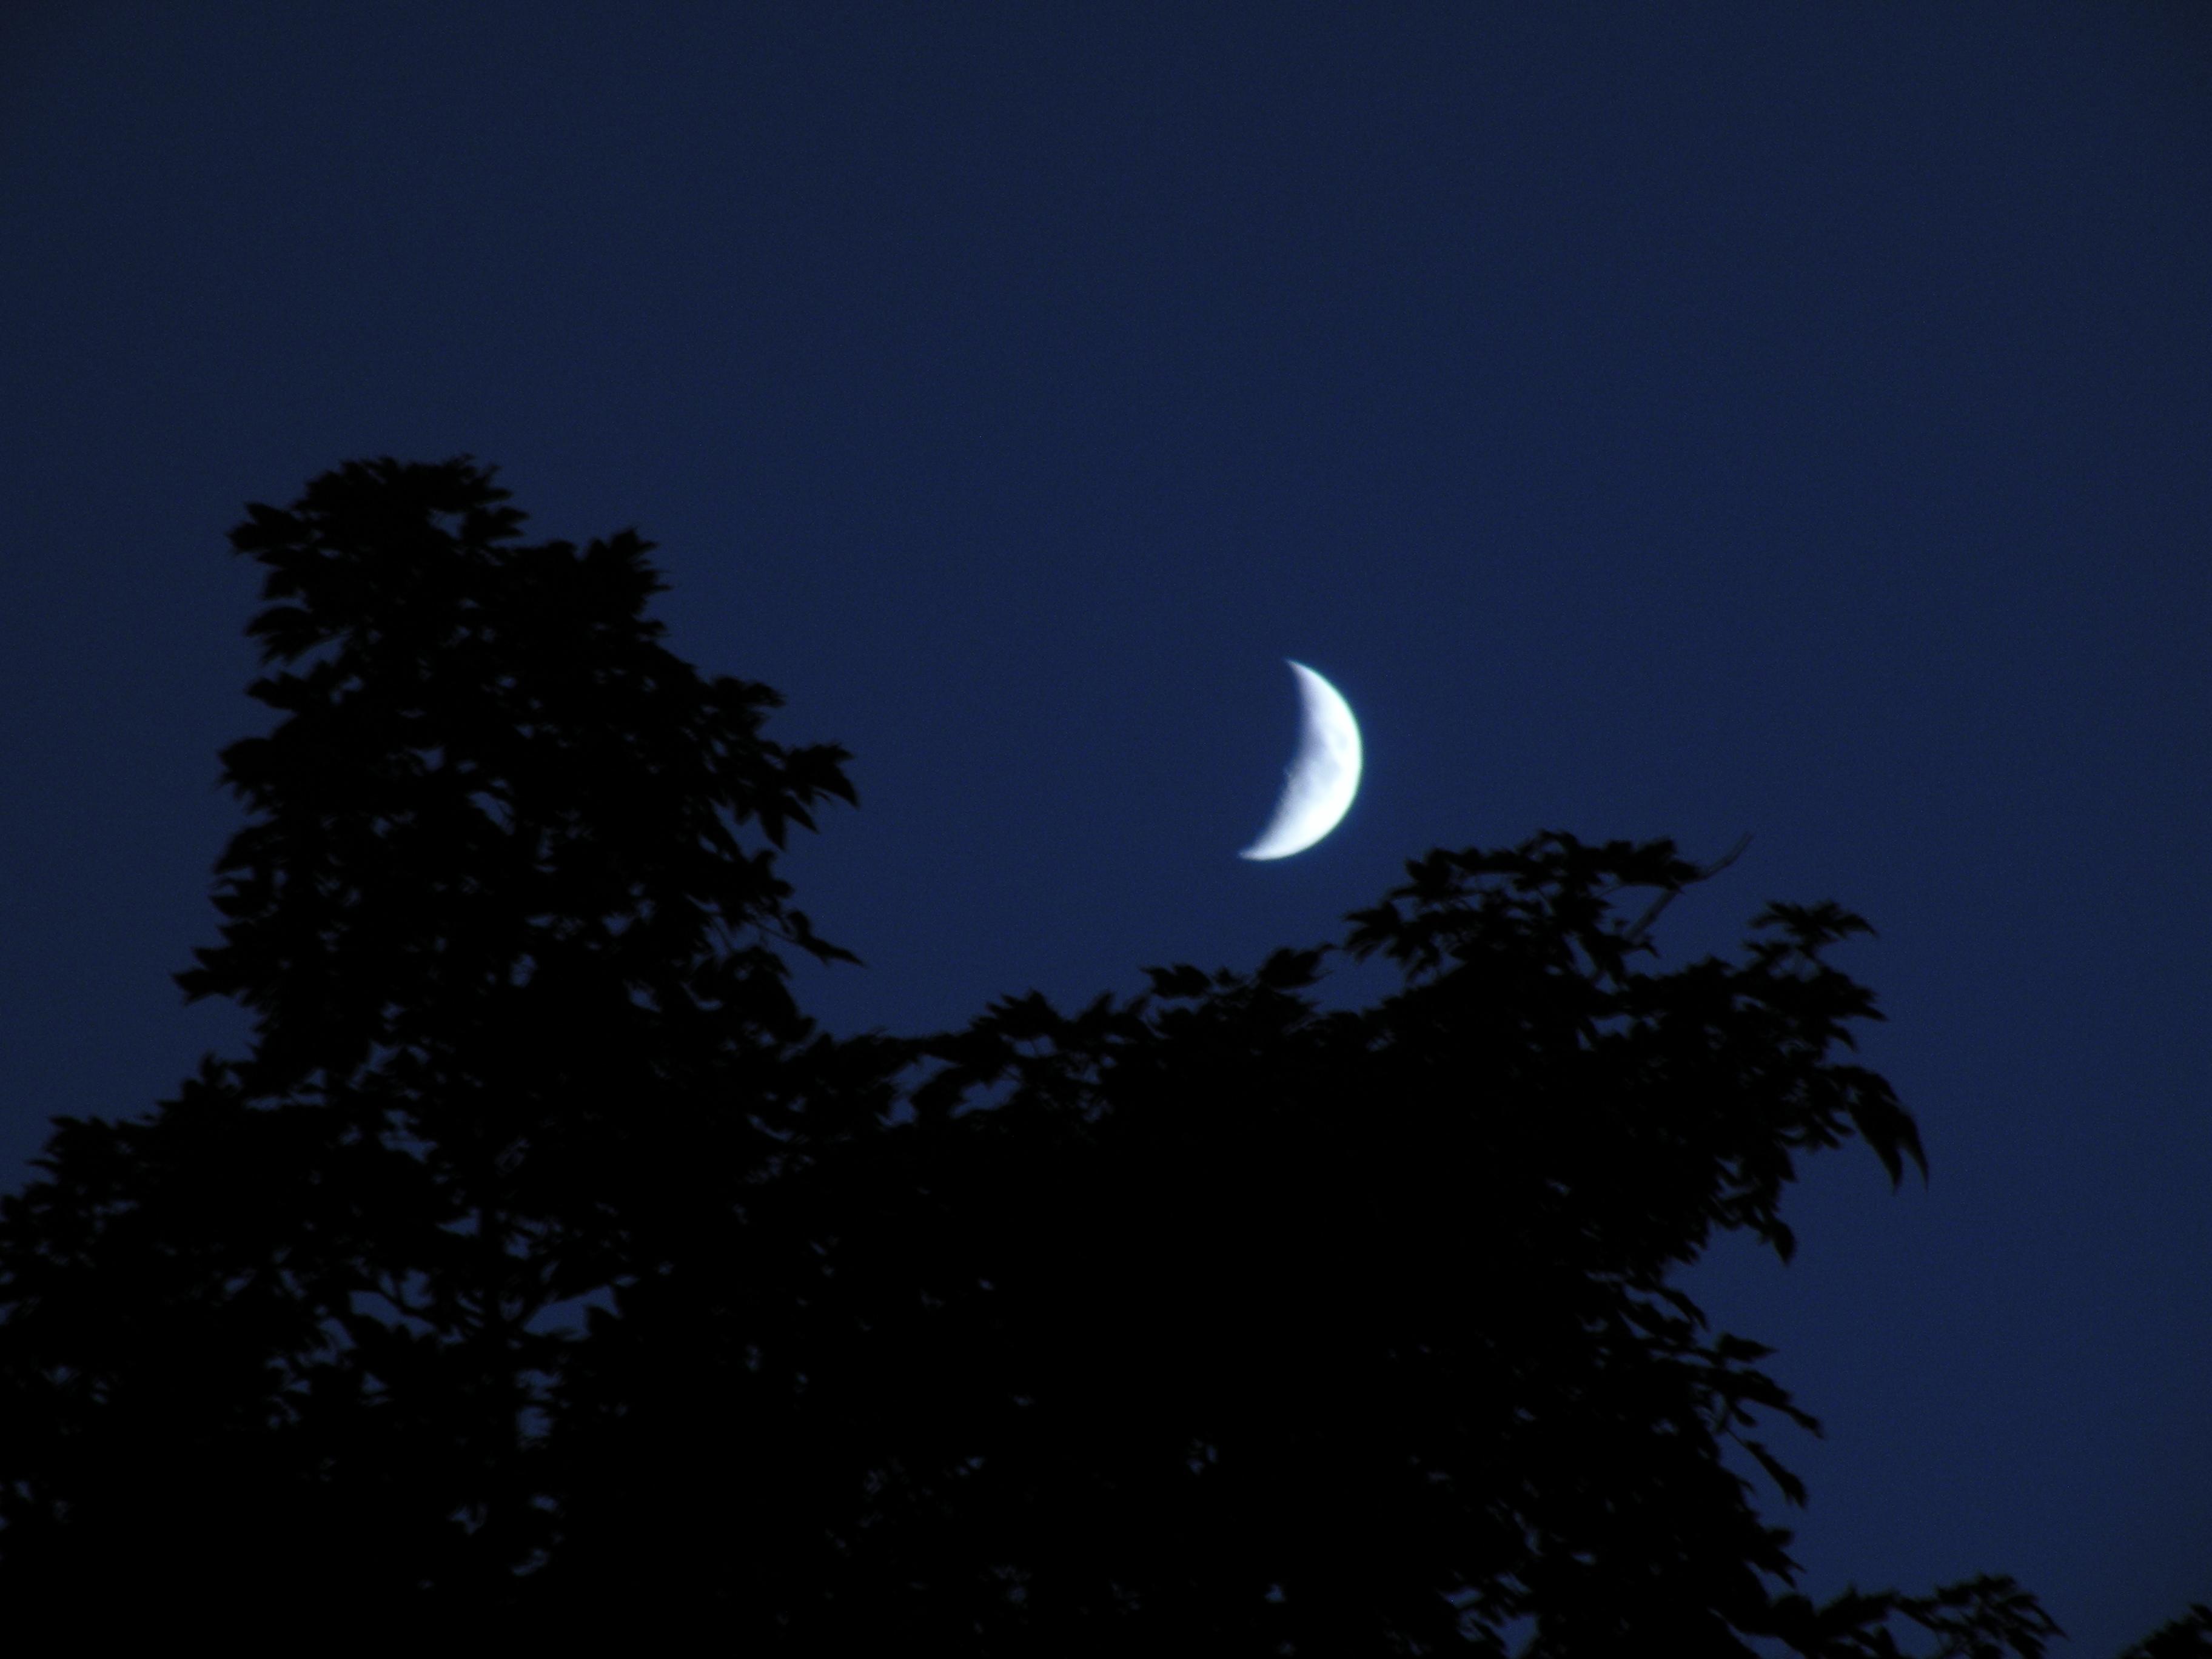 MoonTreeLarge.JPG